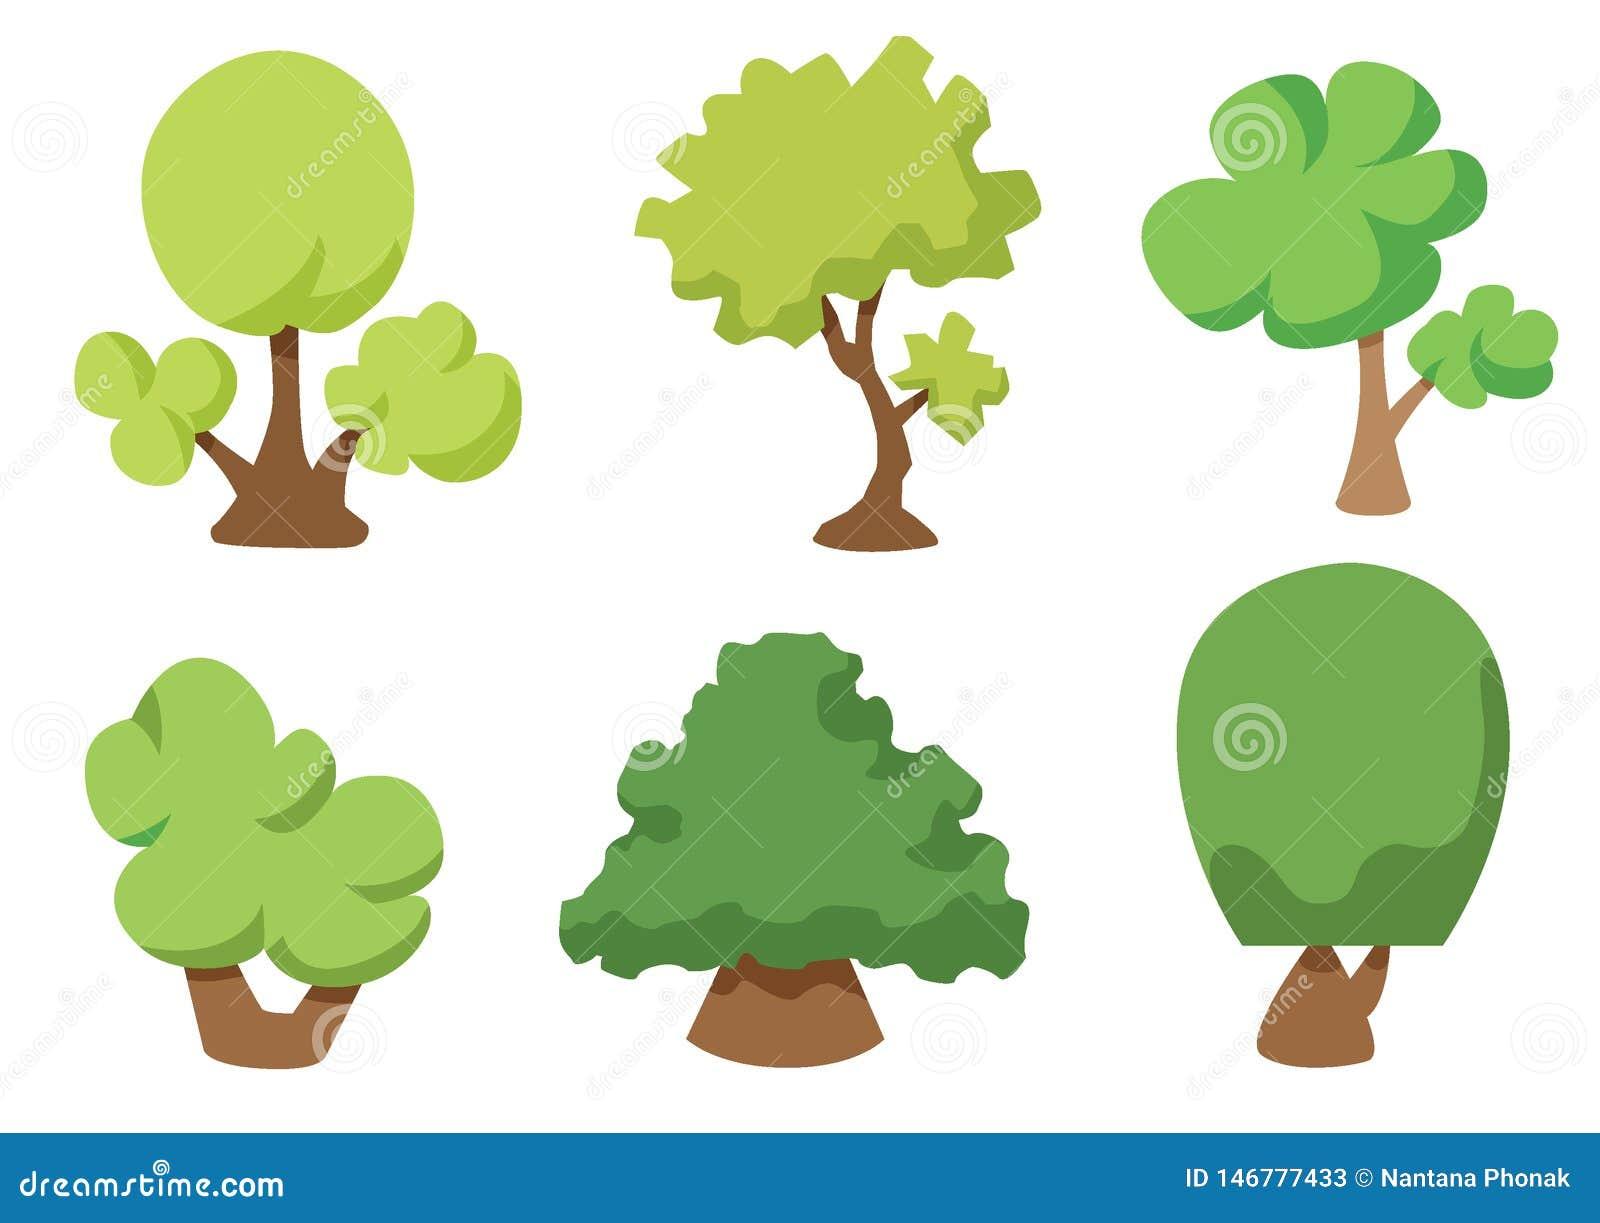 Διανυσματικό εικονίδιο δέντρων που απομονώνεται στο άσπρο υπόβαθρο, έννοια λογότυπων δέντρων